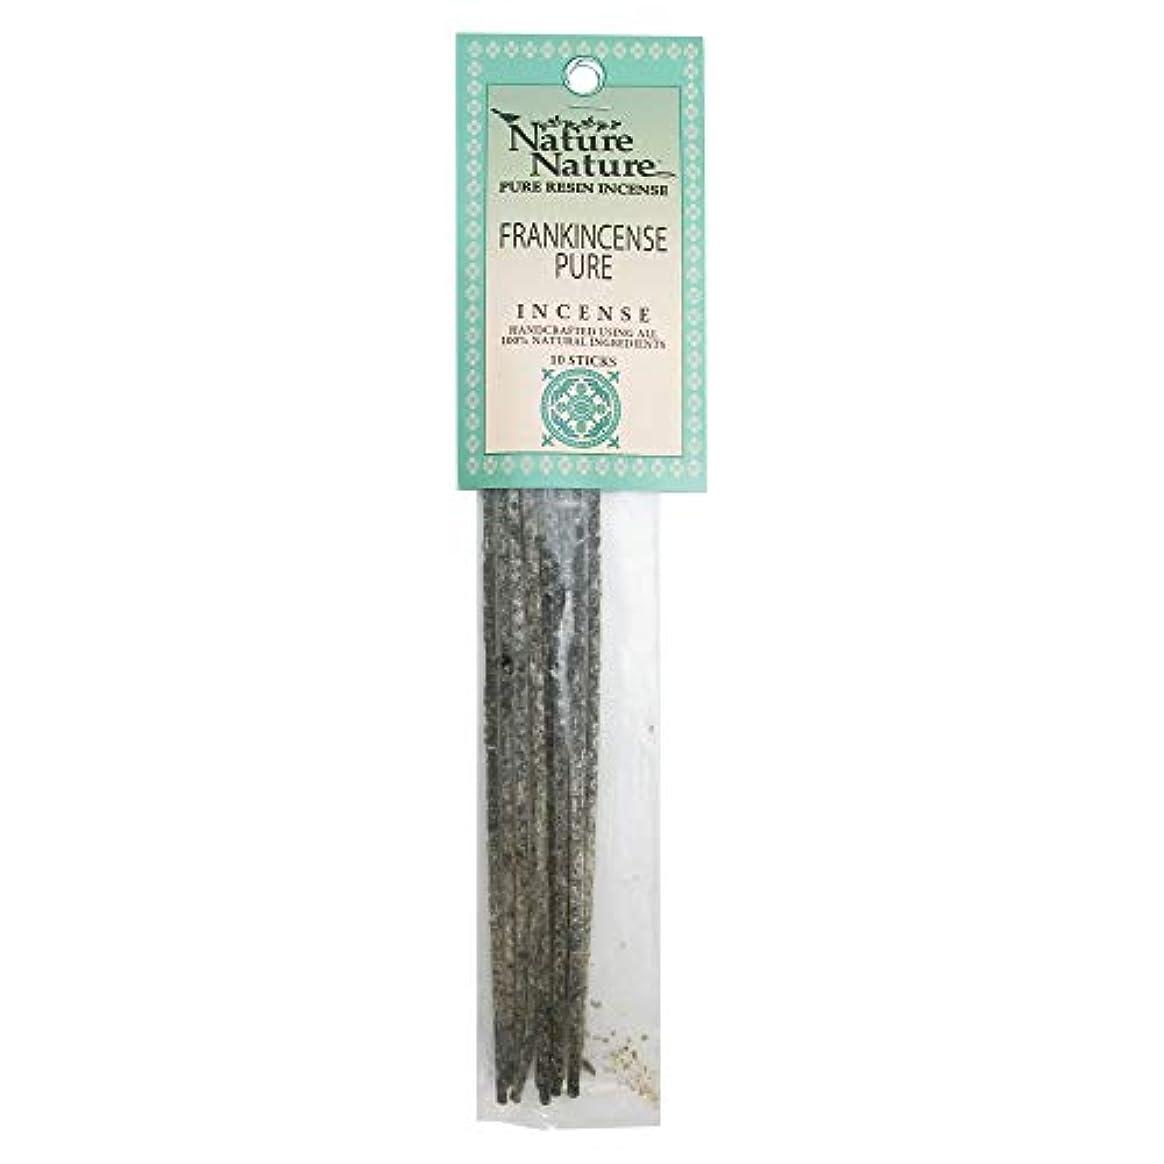 ショップ休憩する実行可能Nature Nature Pure Resin Frankincense Pure インセンス